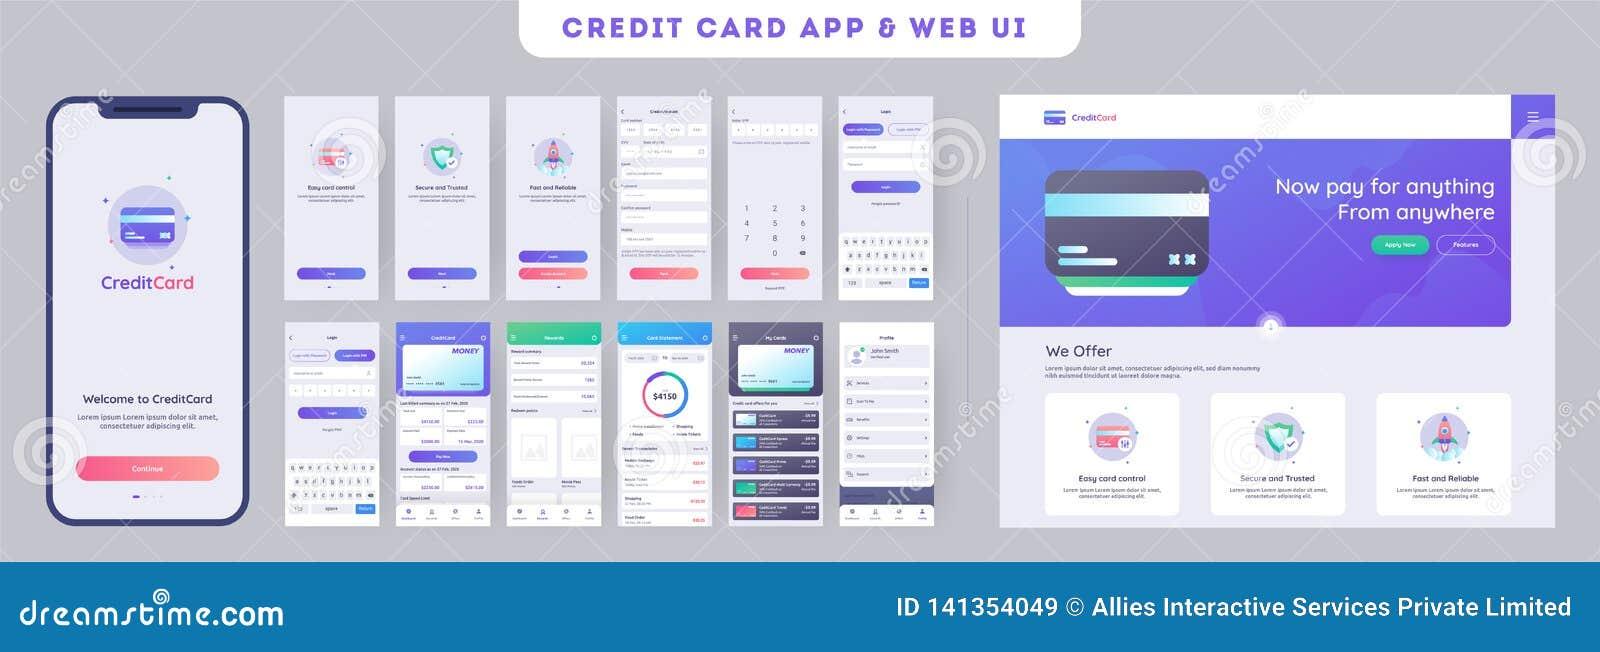 Online Betaling of creditcardsapp ui uitrusting voor ontvankelijke mobiele toepassing met websitemenu